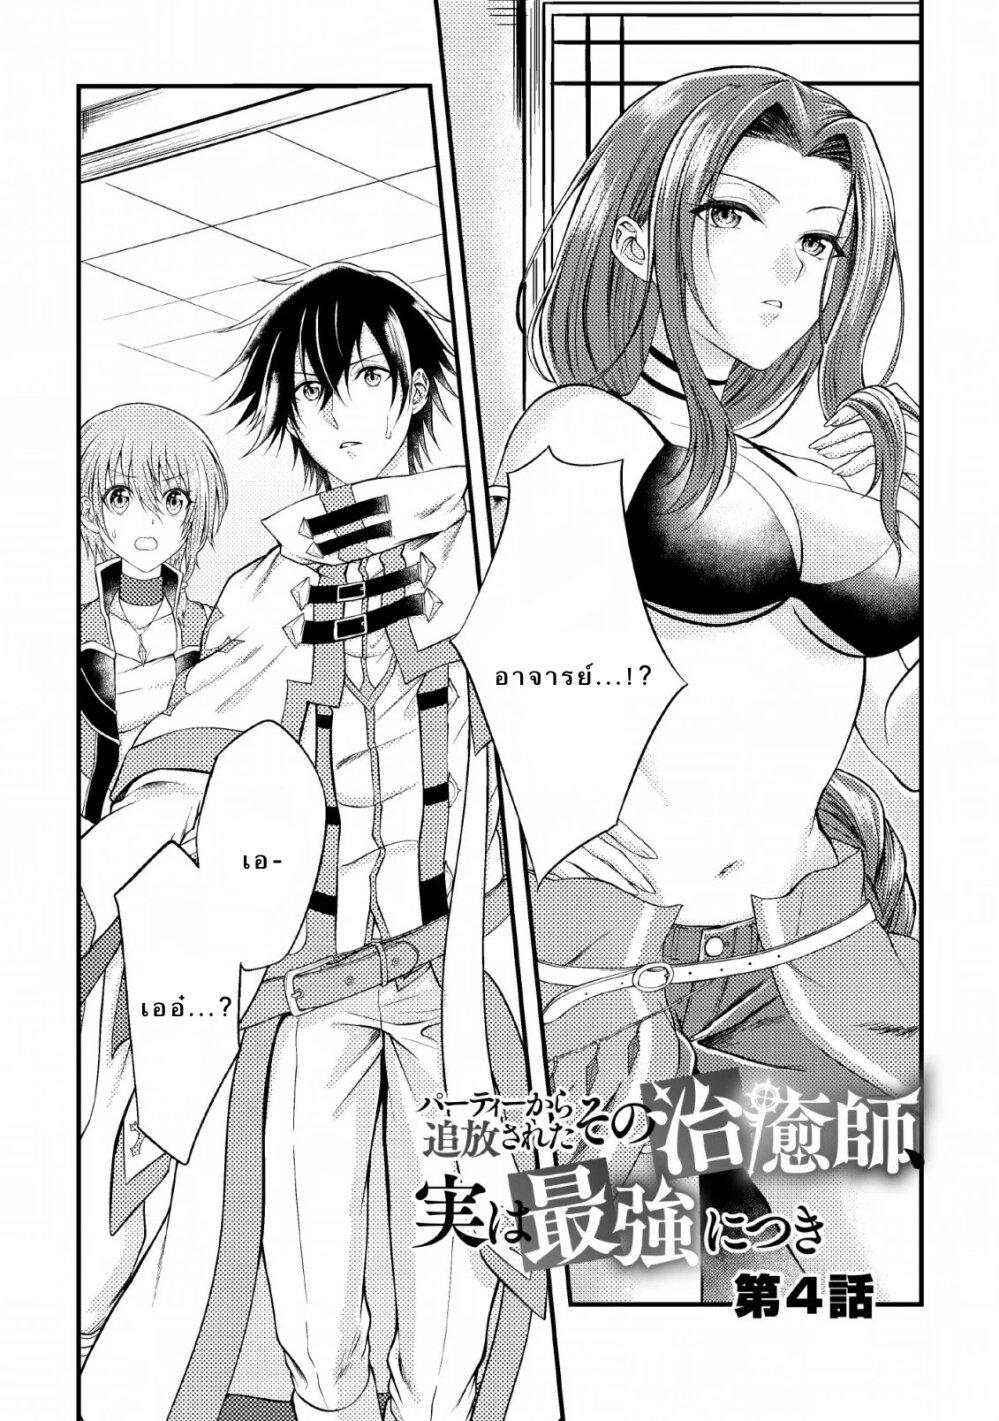 อ่านการ์ตูน Party kara Tsuihou Sareta Sono Chiyushi Jitsuha Saikyou Nitsuki ตอนที่ 4 หน้าที่ 1